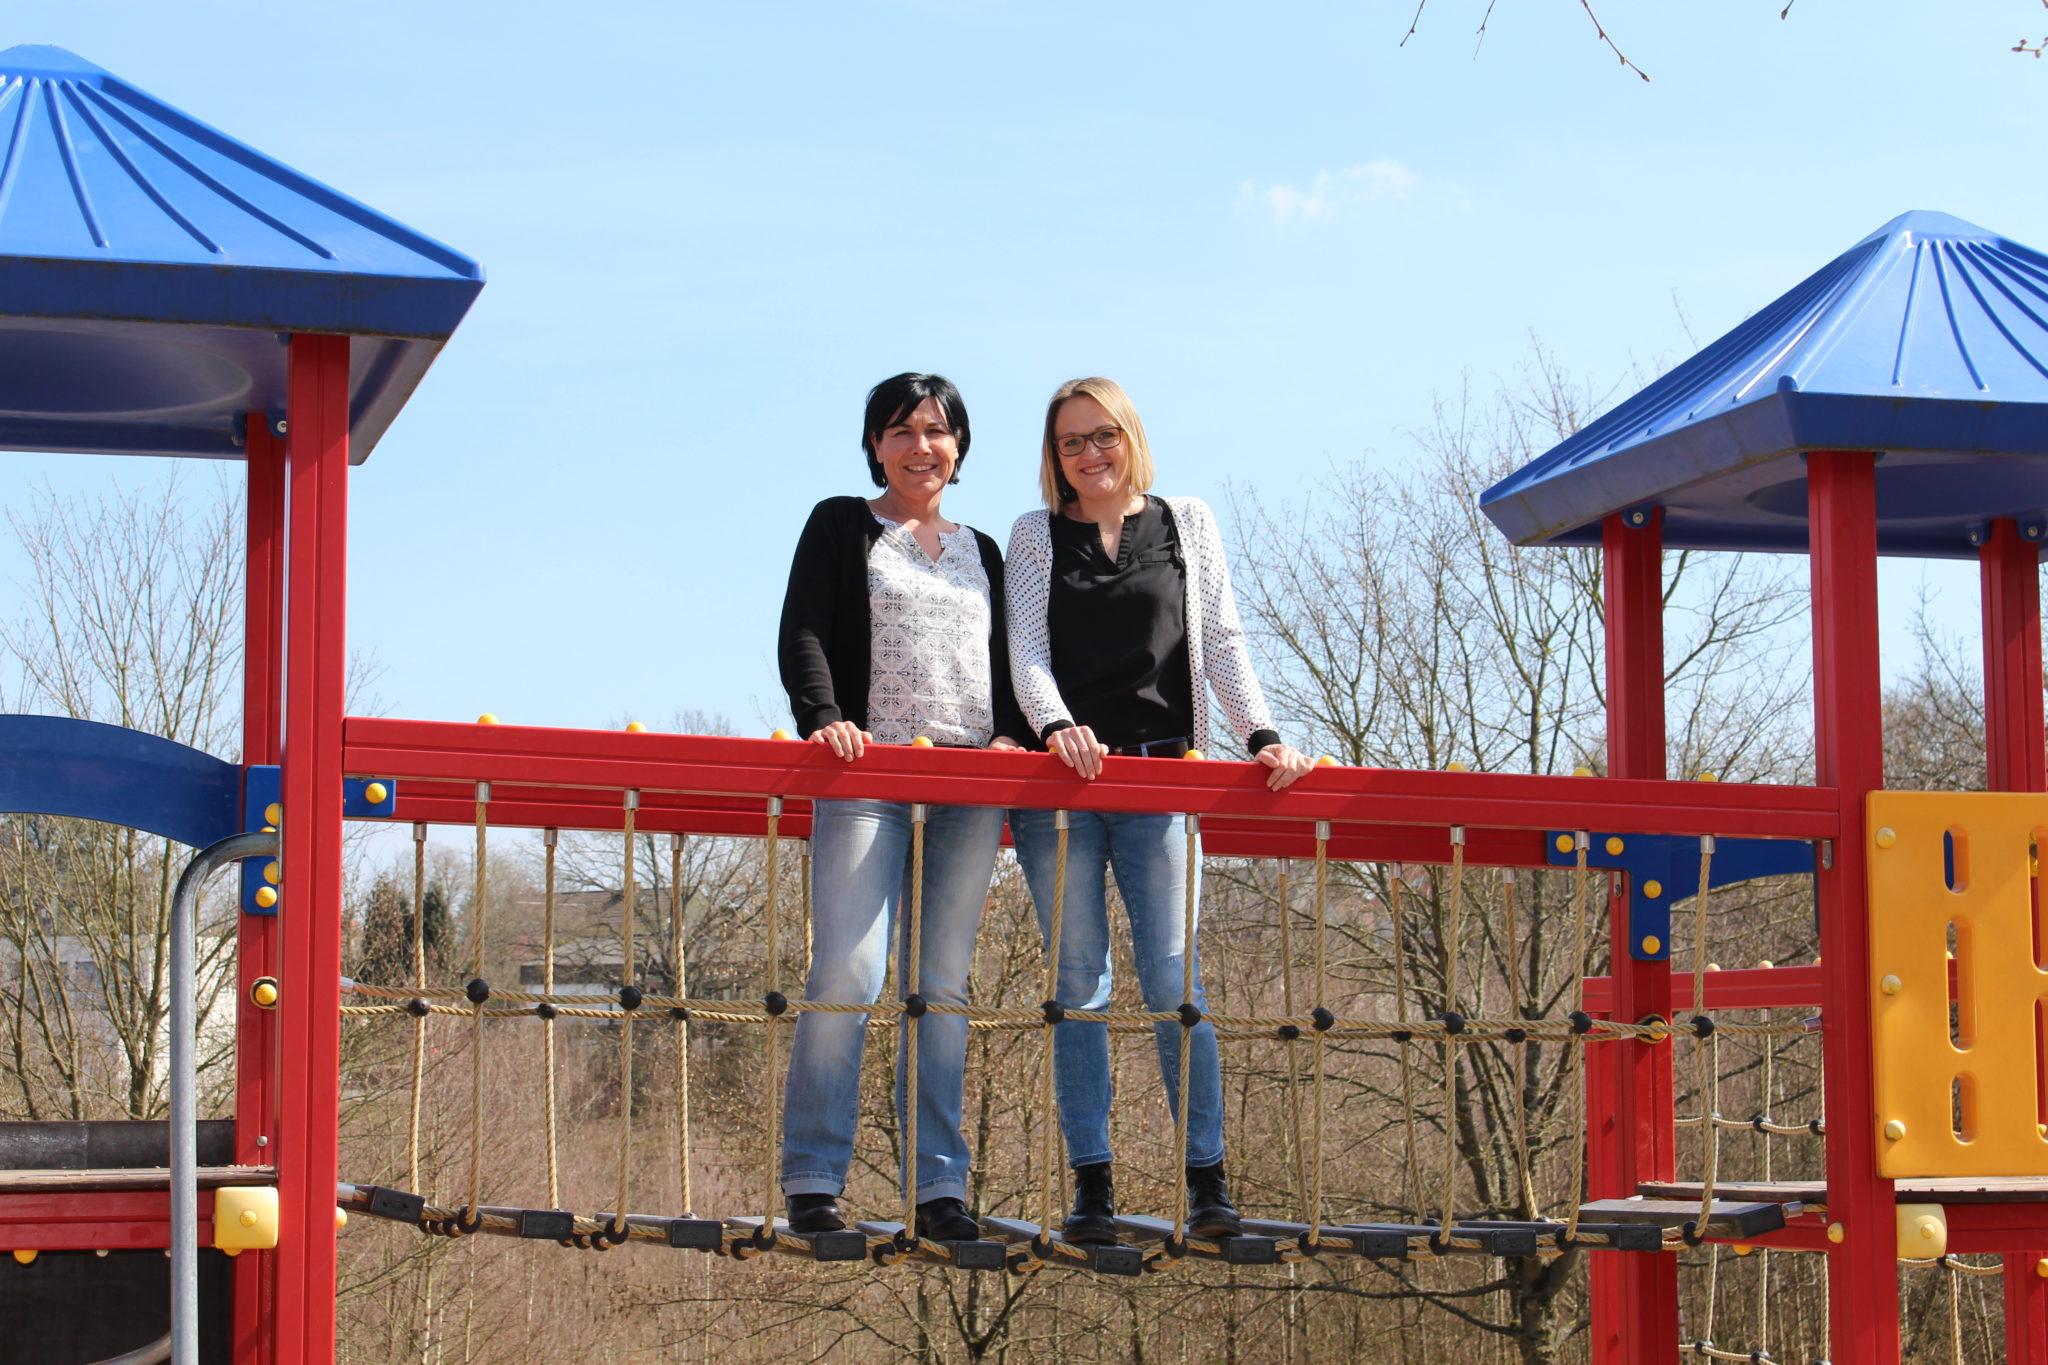 zu sehen ist die Leitung der FGTS Frau Mansion und Frau Ostner auf dem Klettergeruest an der Grundschule